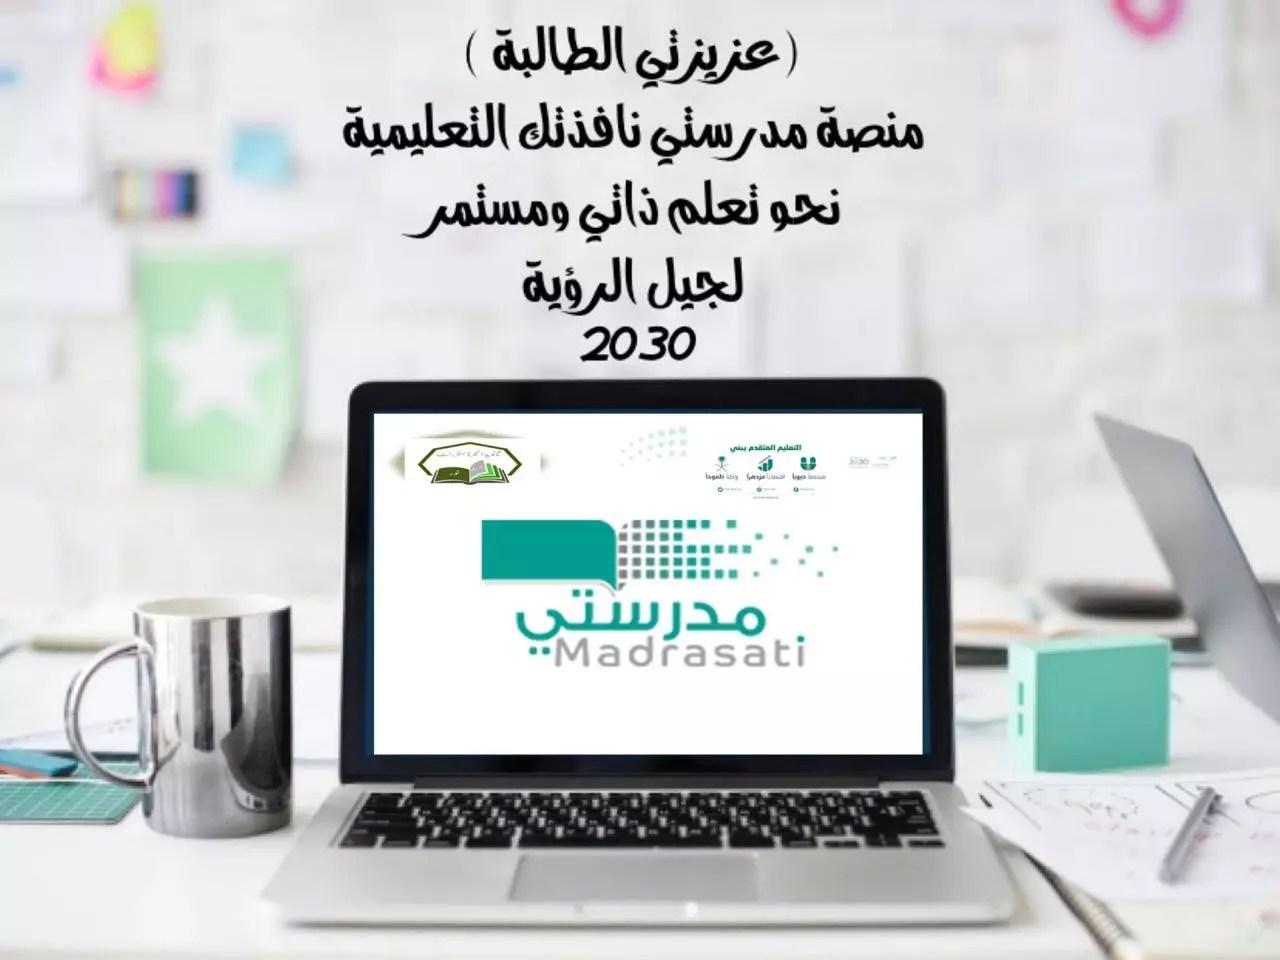 منصة مدرستي للتعليم الإلكتروني بالسعودية